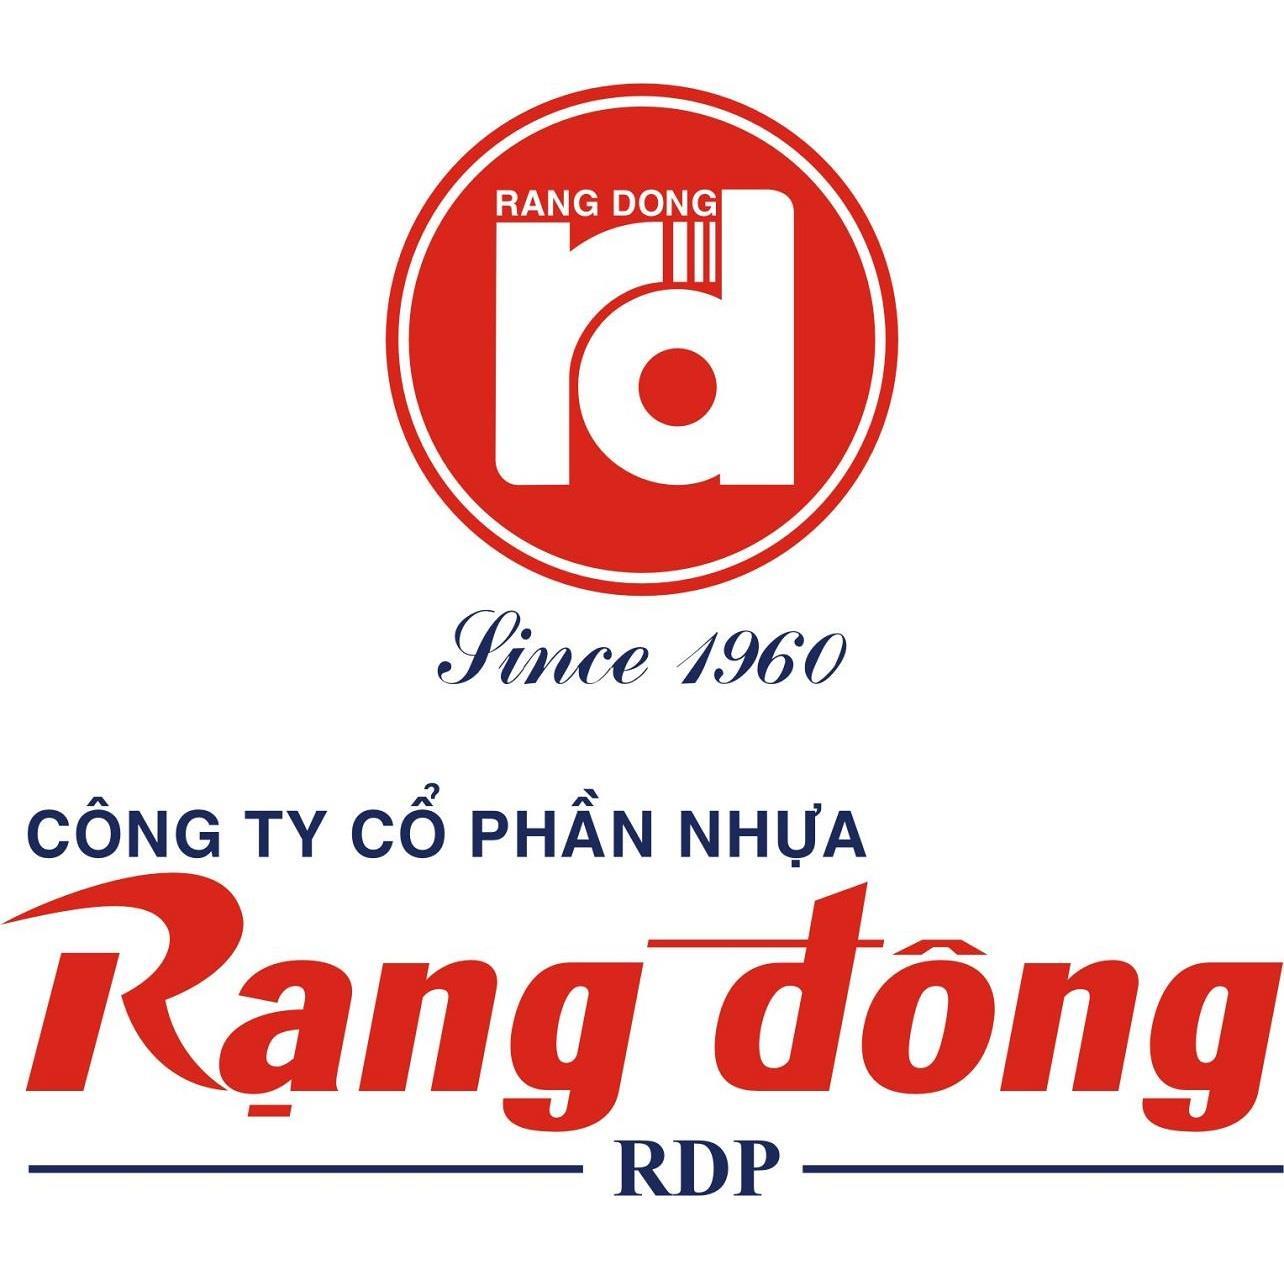 RDP: Quyết định của HĐQT miễn nhiệm chức vụ Phó Tổng Giám đốc